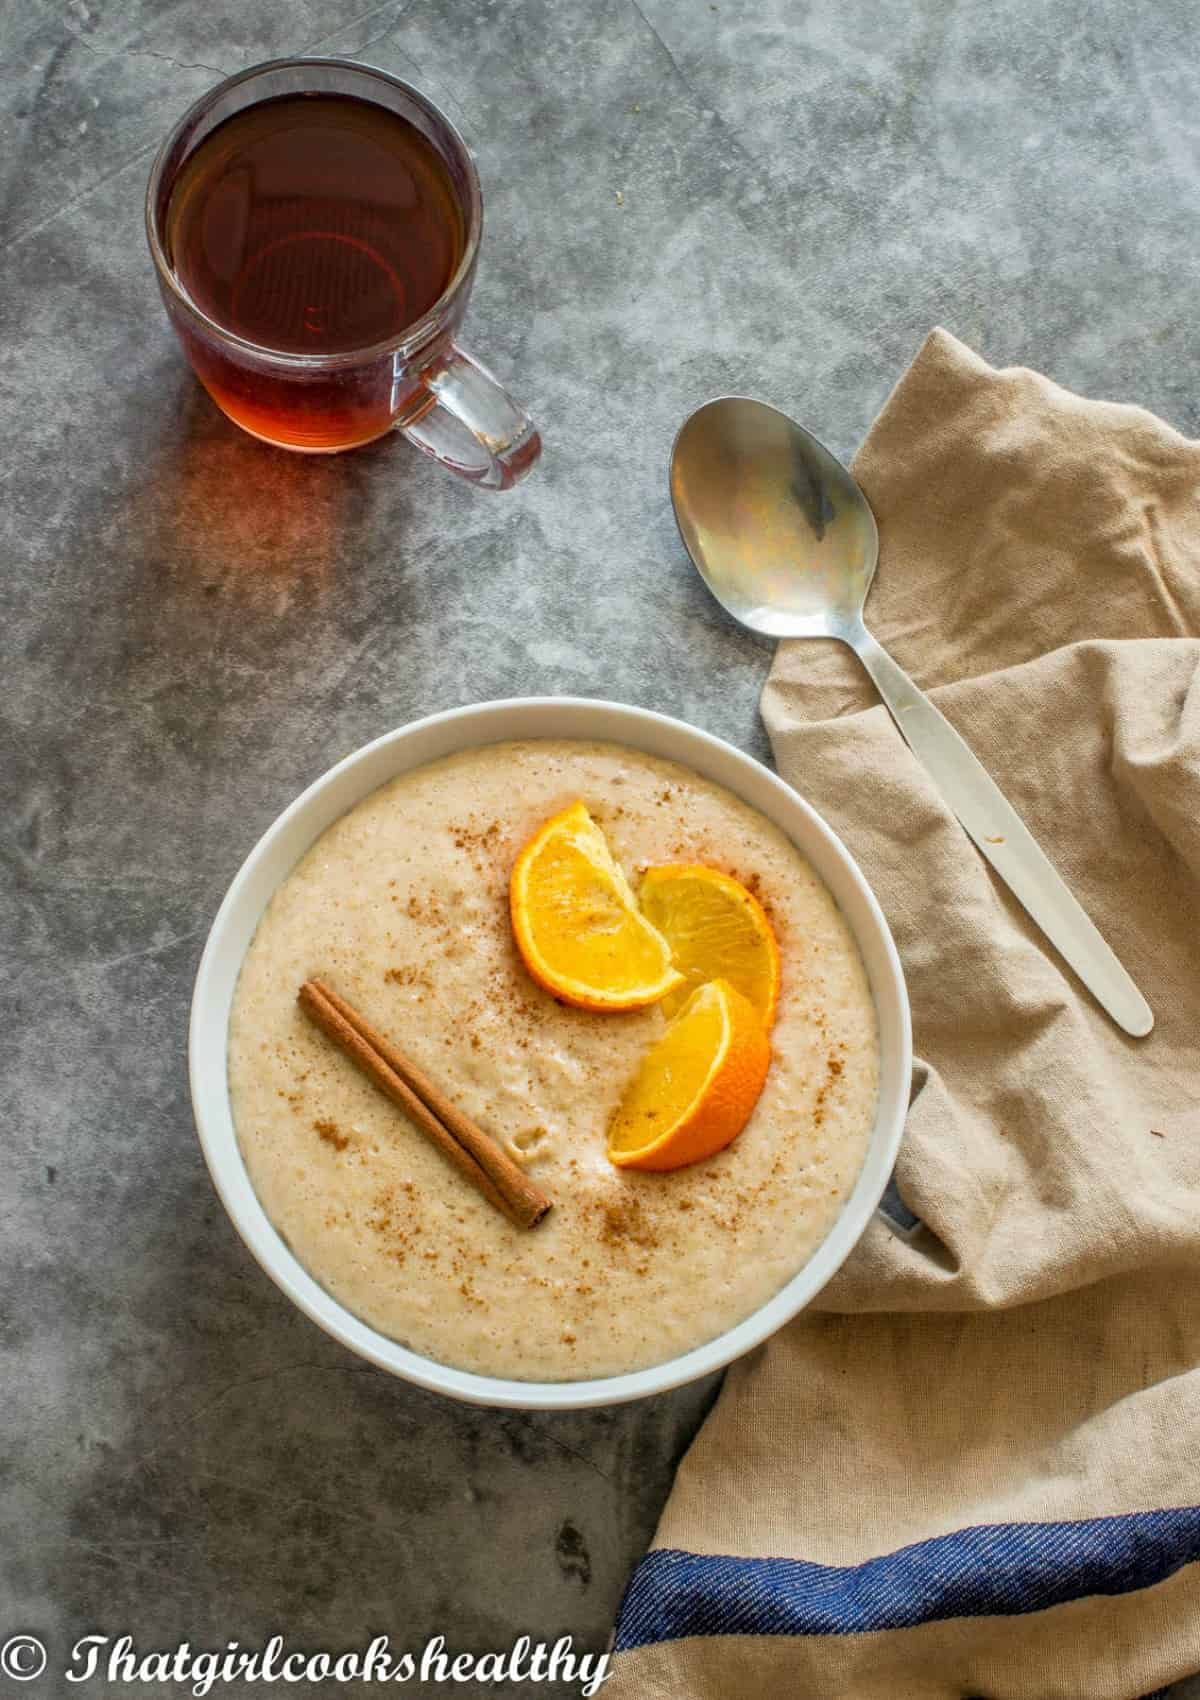 porridge with tea and spoon